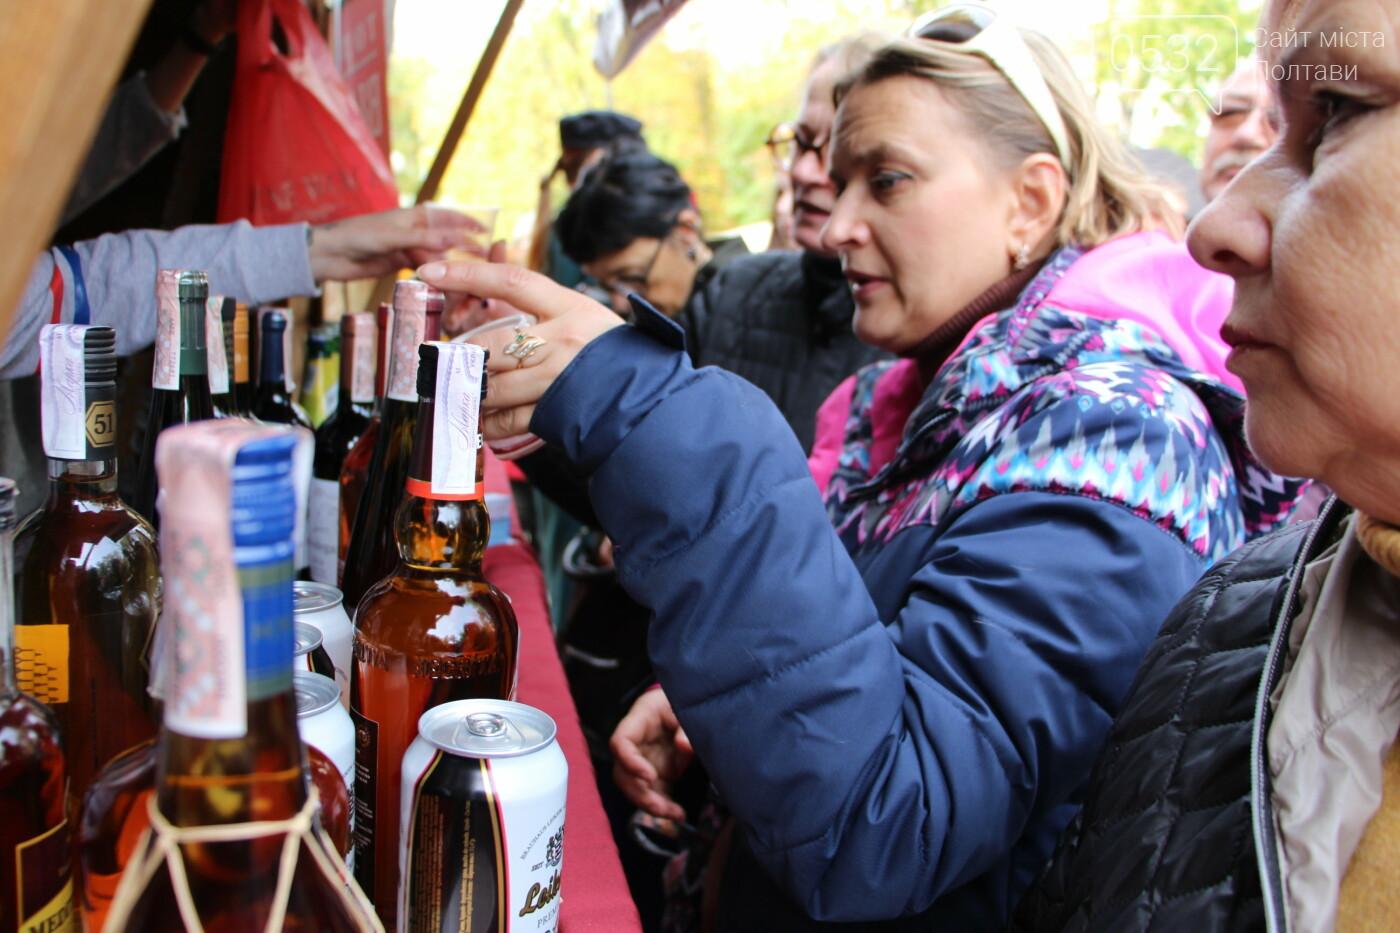 У Полтаві сотні людей прийшли на фестиваль сиру та вина (ФОТО), фото-7